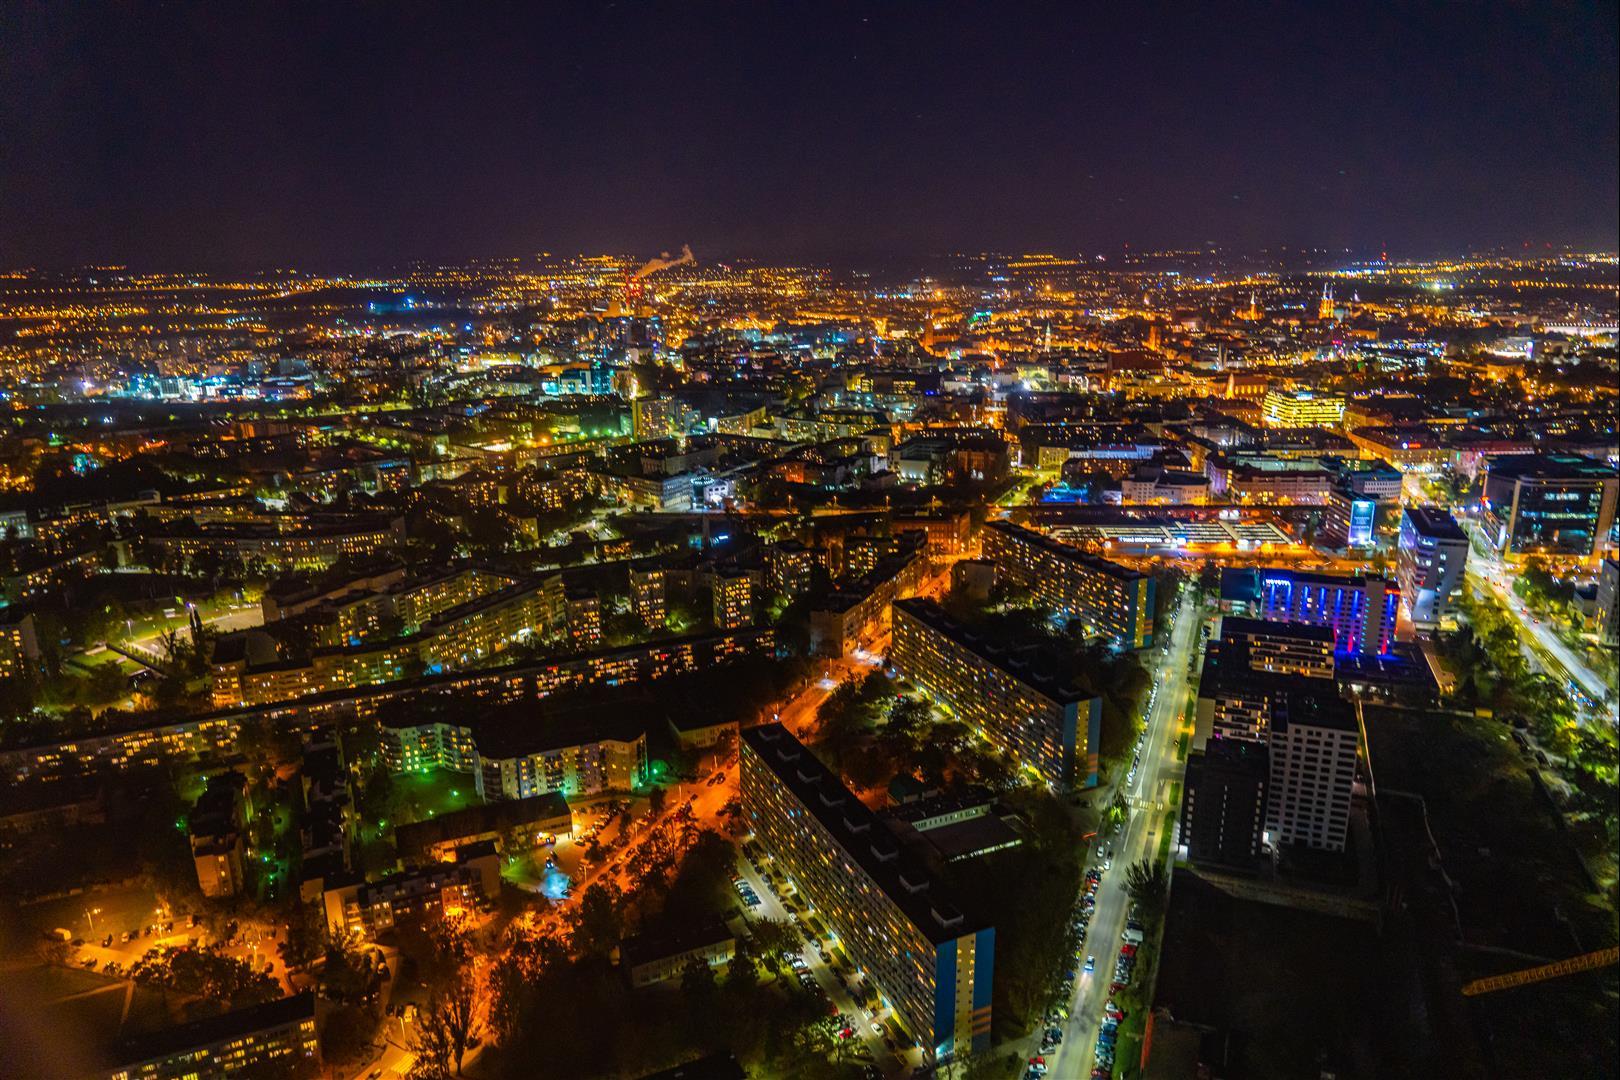 樂斯拉夫 Wrocław